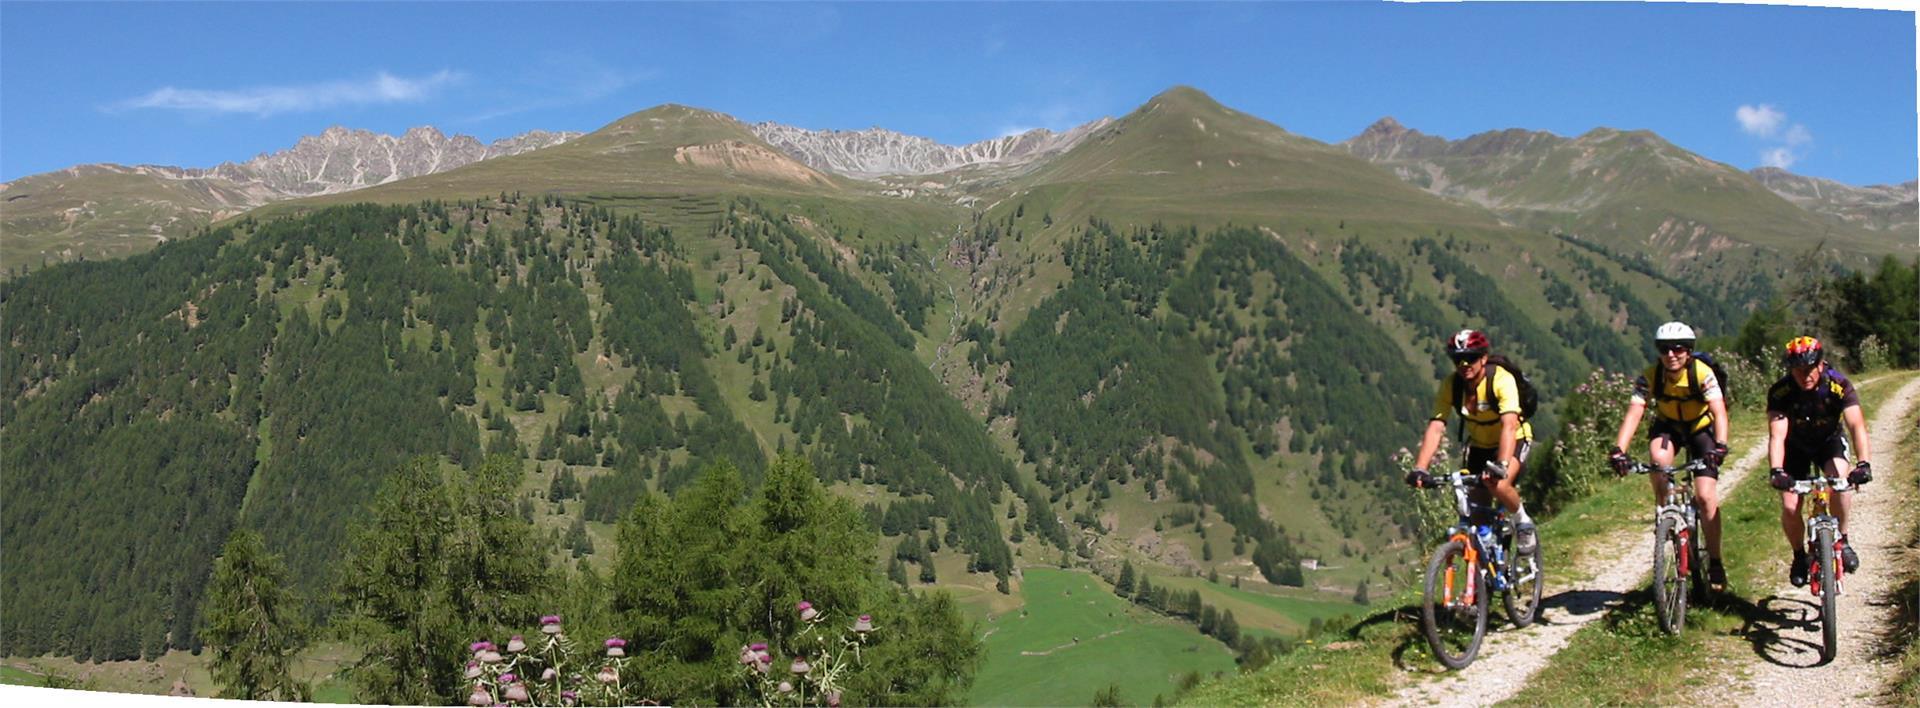 Aussicht auf die Bergwelt